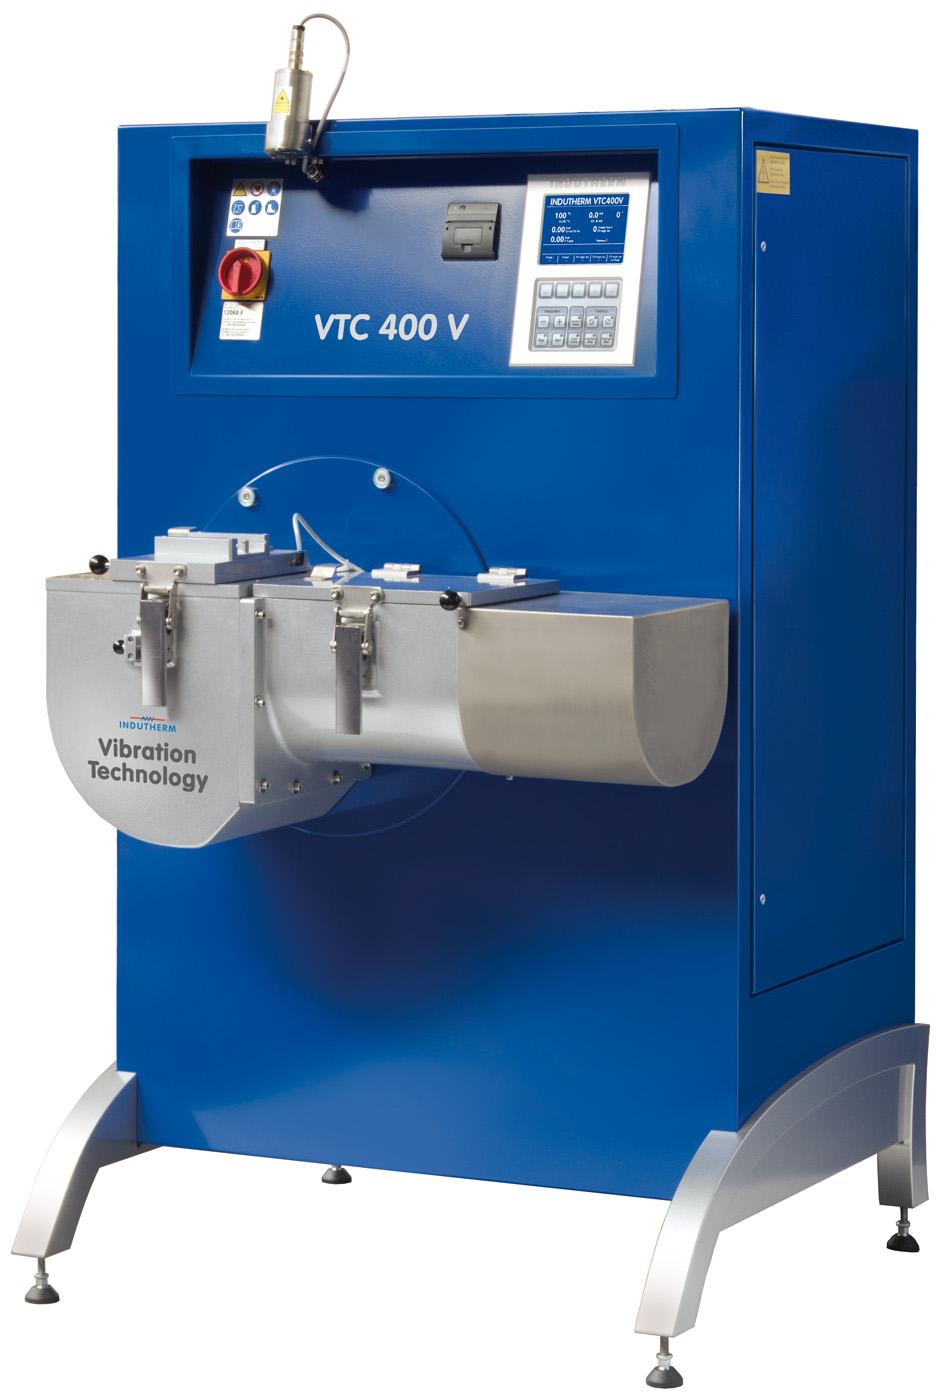 Vakuum-Druck-Gießanlage VTC 400 V / Ti Platin-Gießanlage, Stahl-Gießanlage